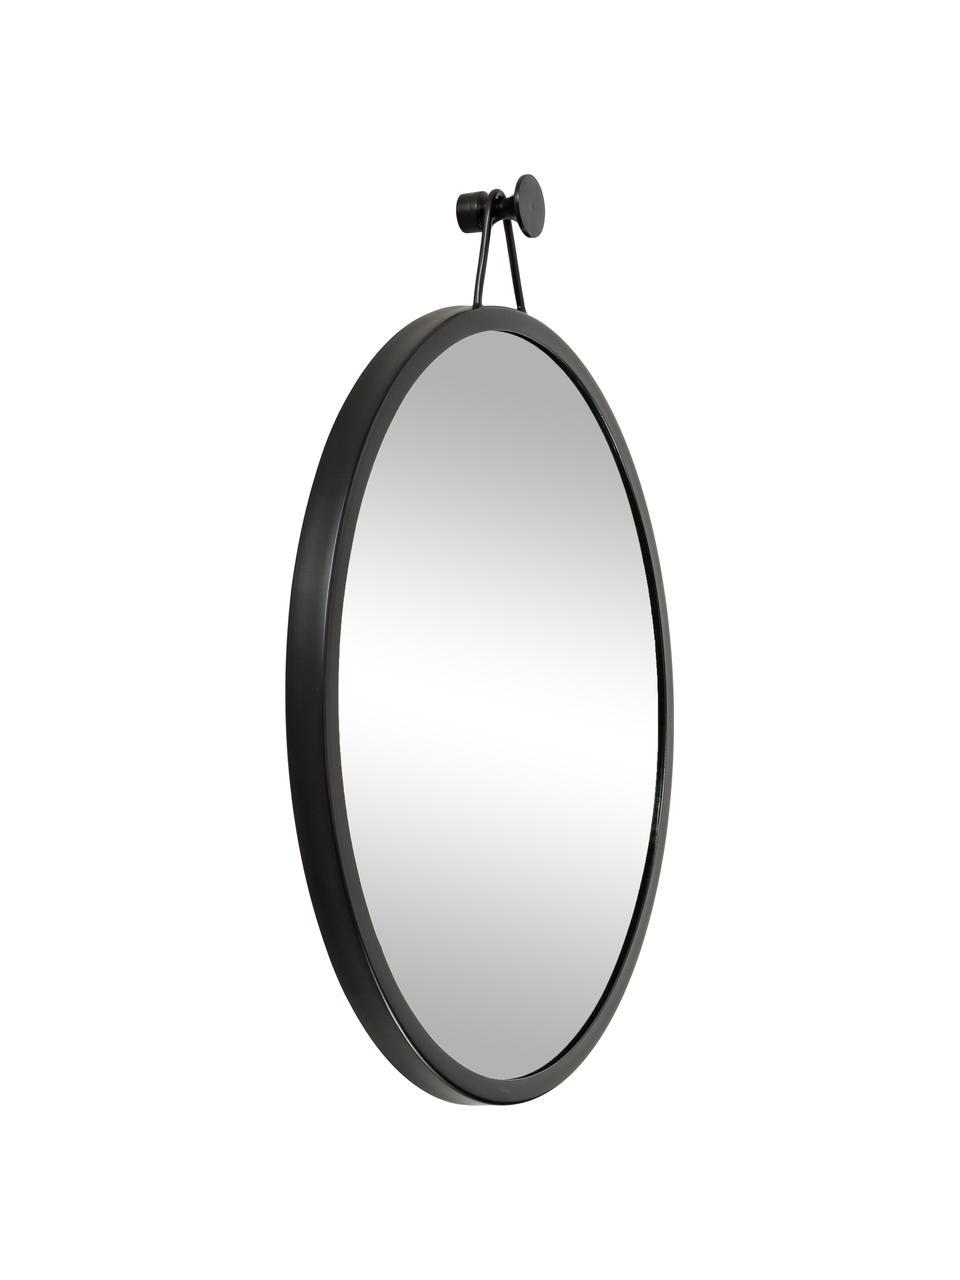 Okrągłe lustro ścienne z metalową ramą Lizzy, Czarny, Ø 60 x G 3 cm